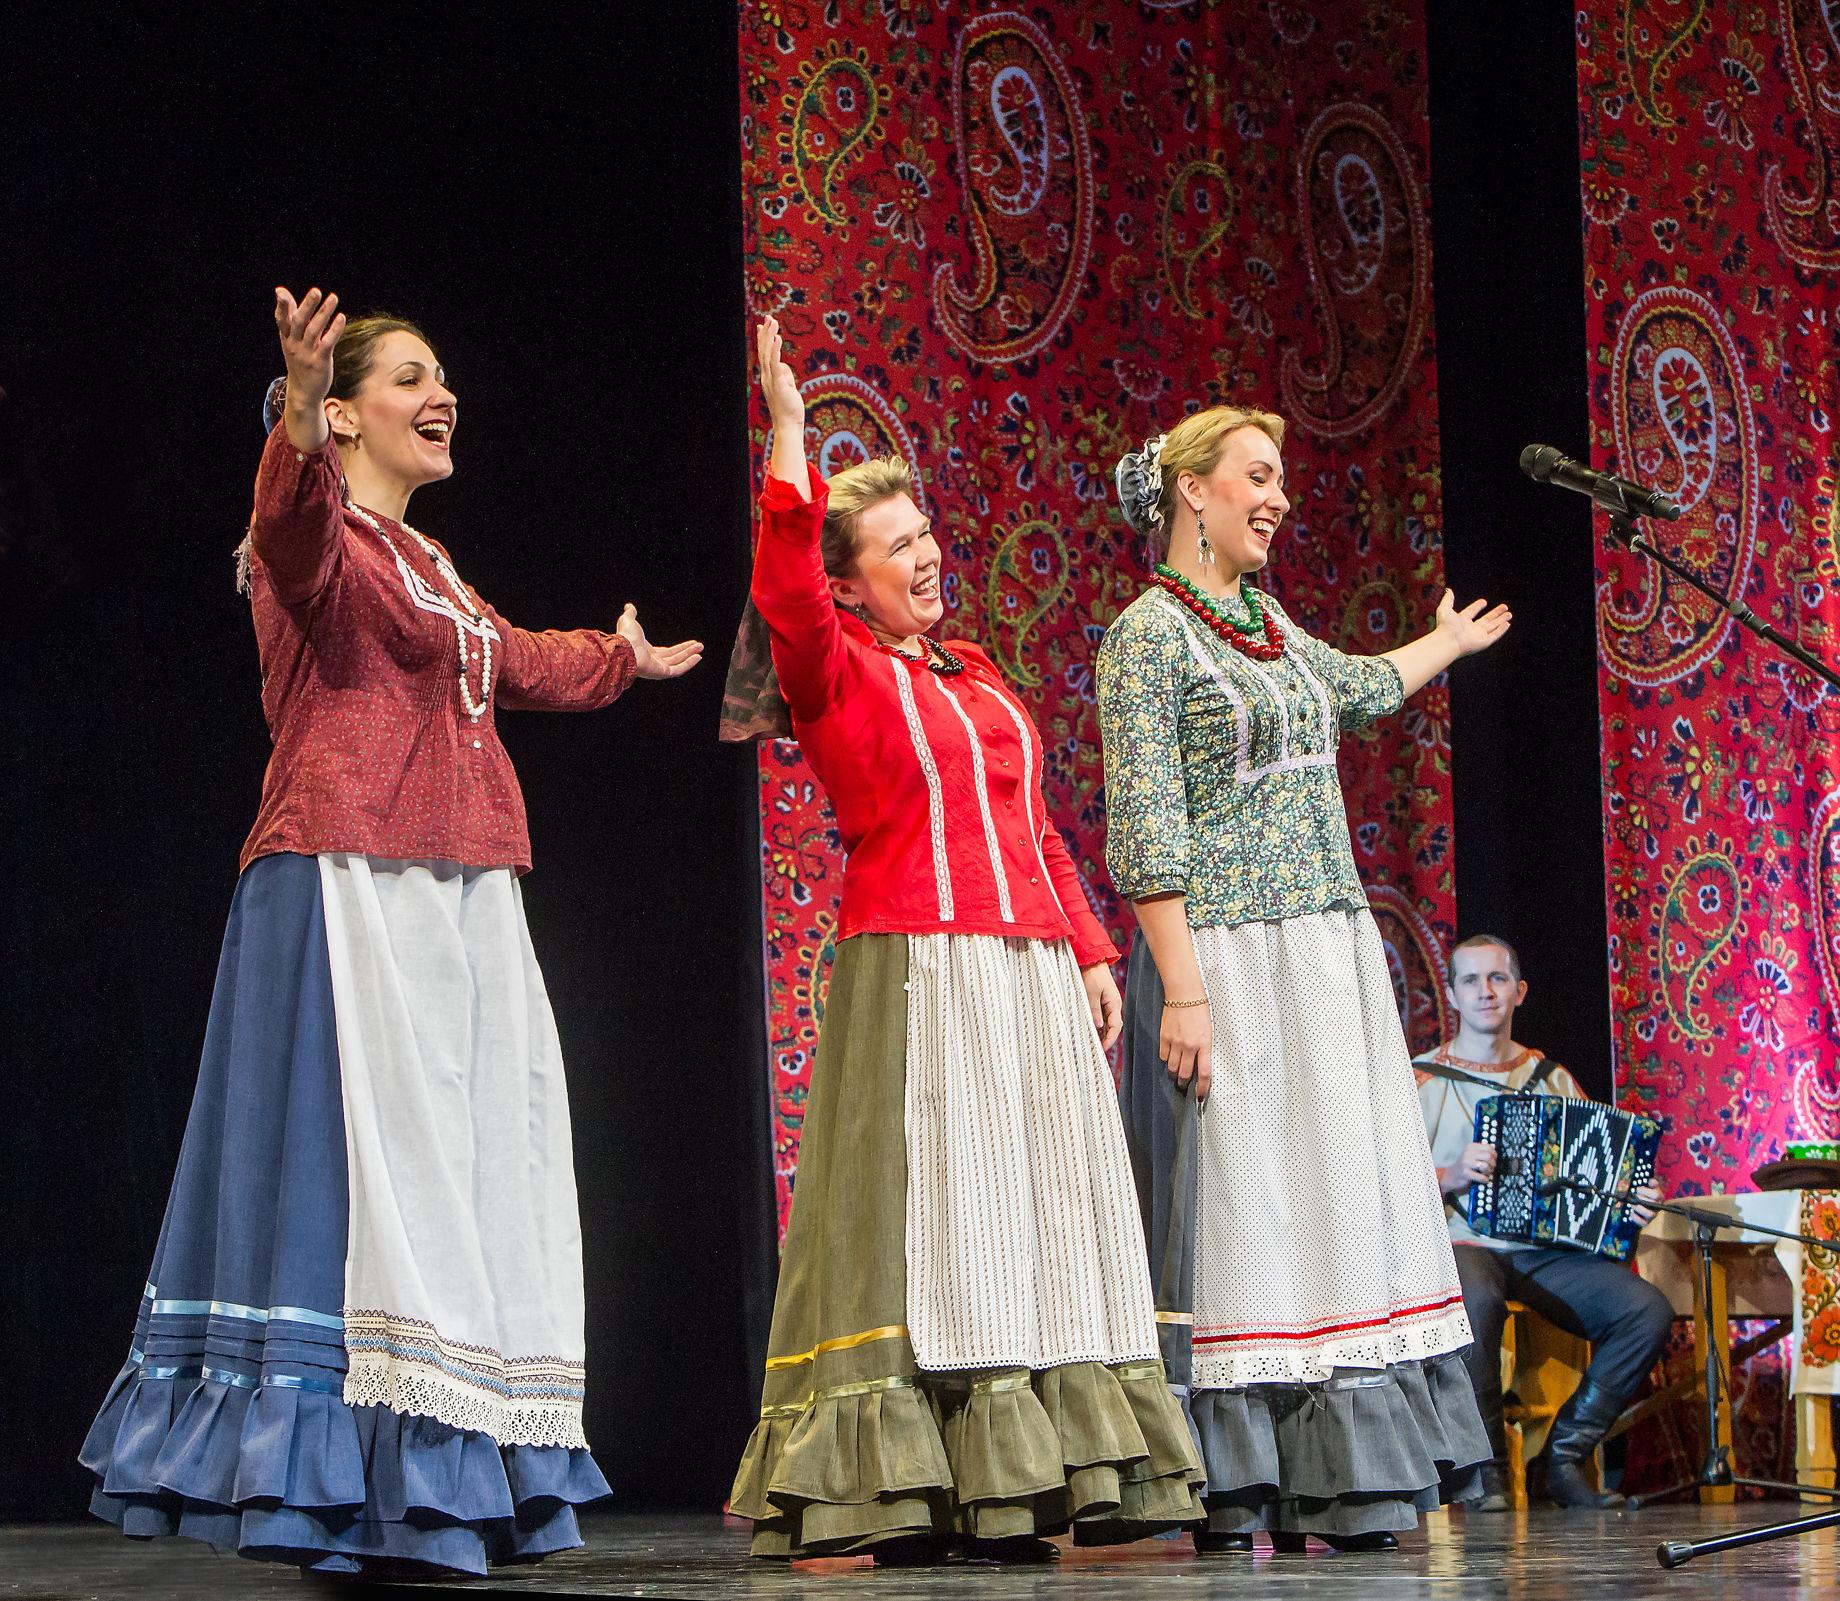 Ярославцы могут бесплатно попасть на всероссийский театральный фестиваль